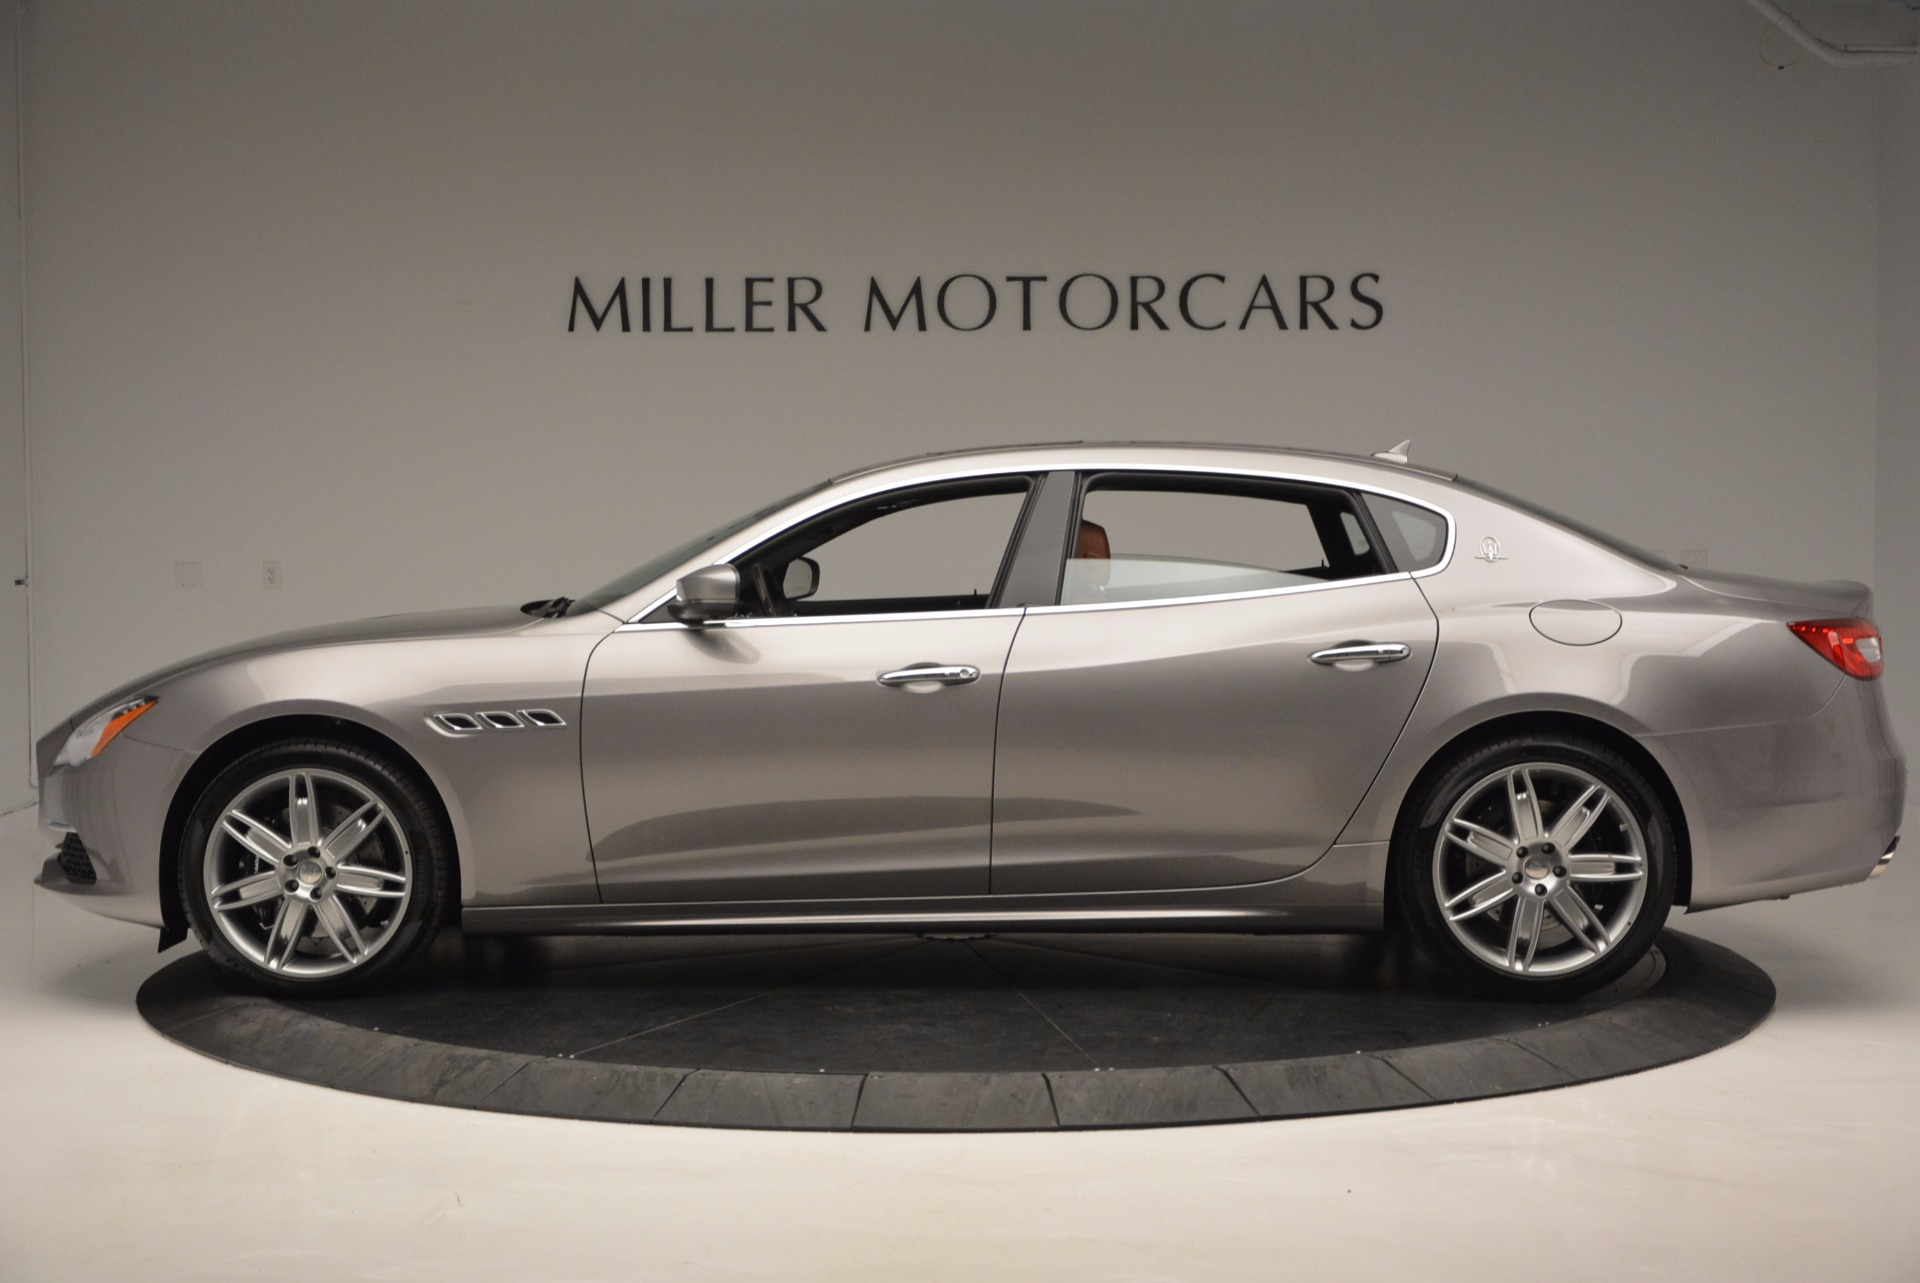 New 2017 Maserati Quattroporte S Q4 GranLusso For Sale In Greenwich, CT. Alfa Romeo of Greenwich, M1878 1265_p3